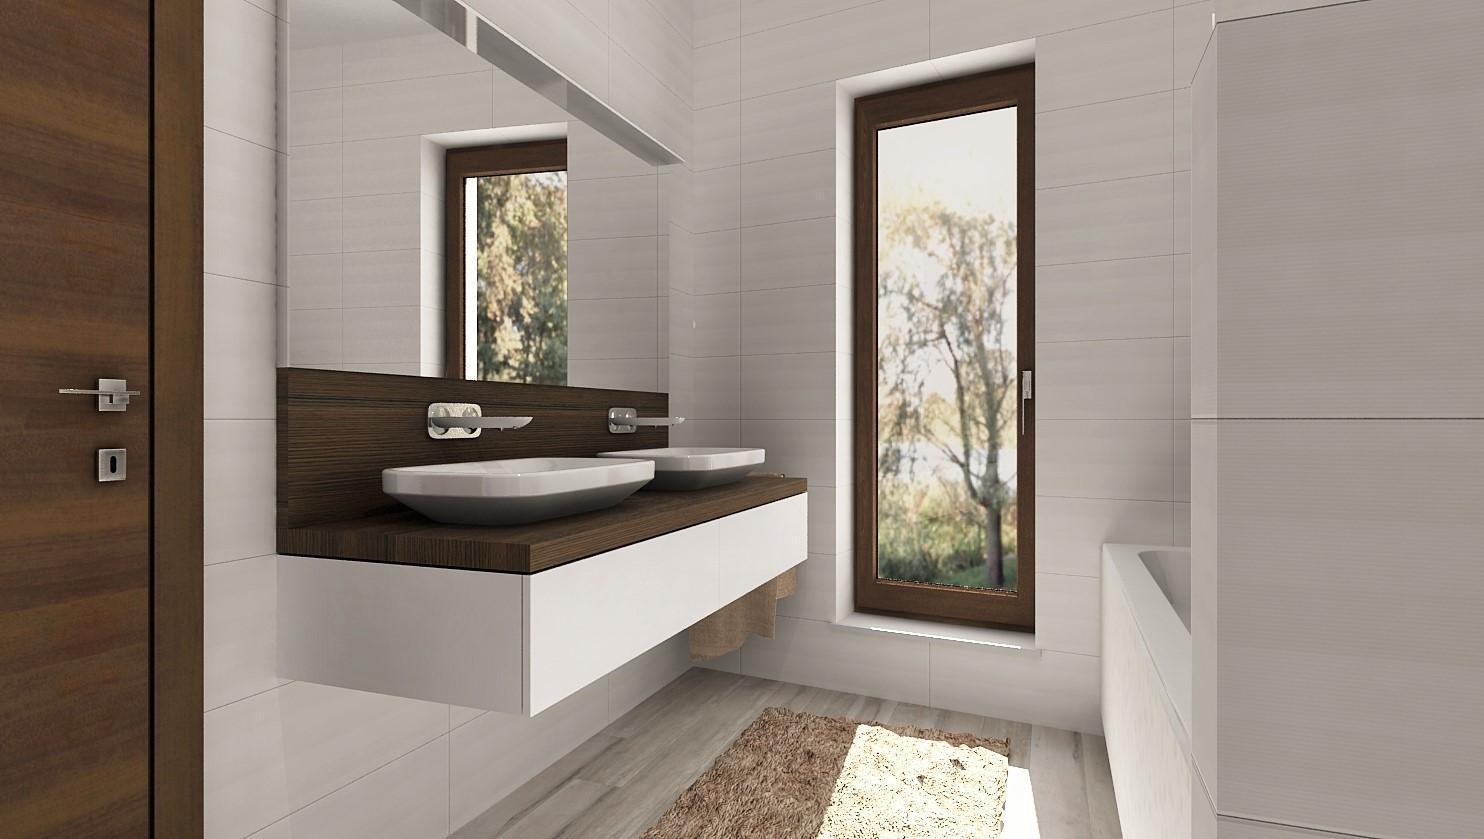 3D návrhy kúpeľní - vizualizácie - BENEVA - kúpeľňové štúdio Nitra - www.modernekupelne.sk